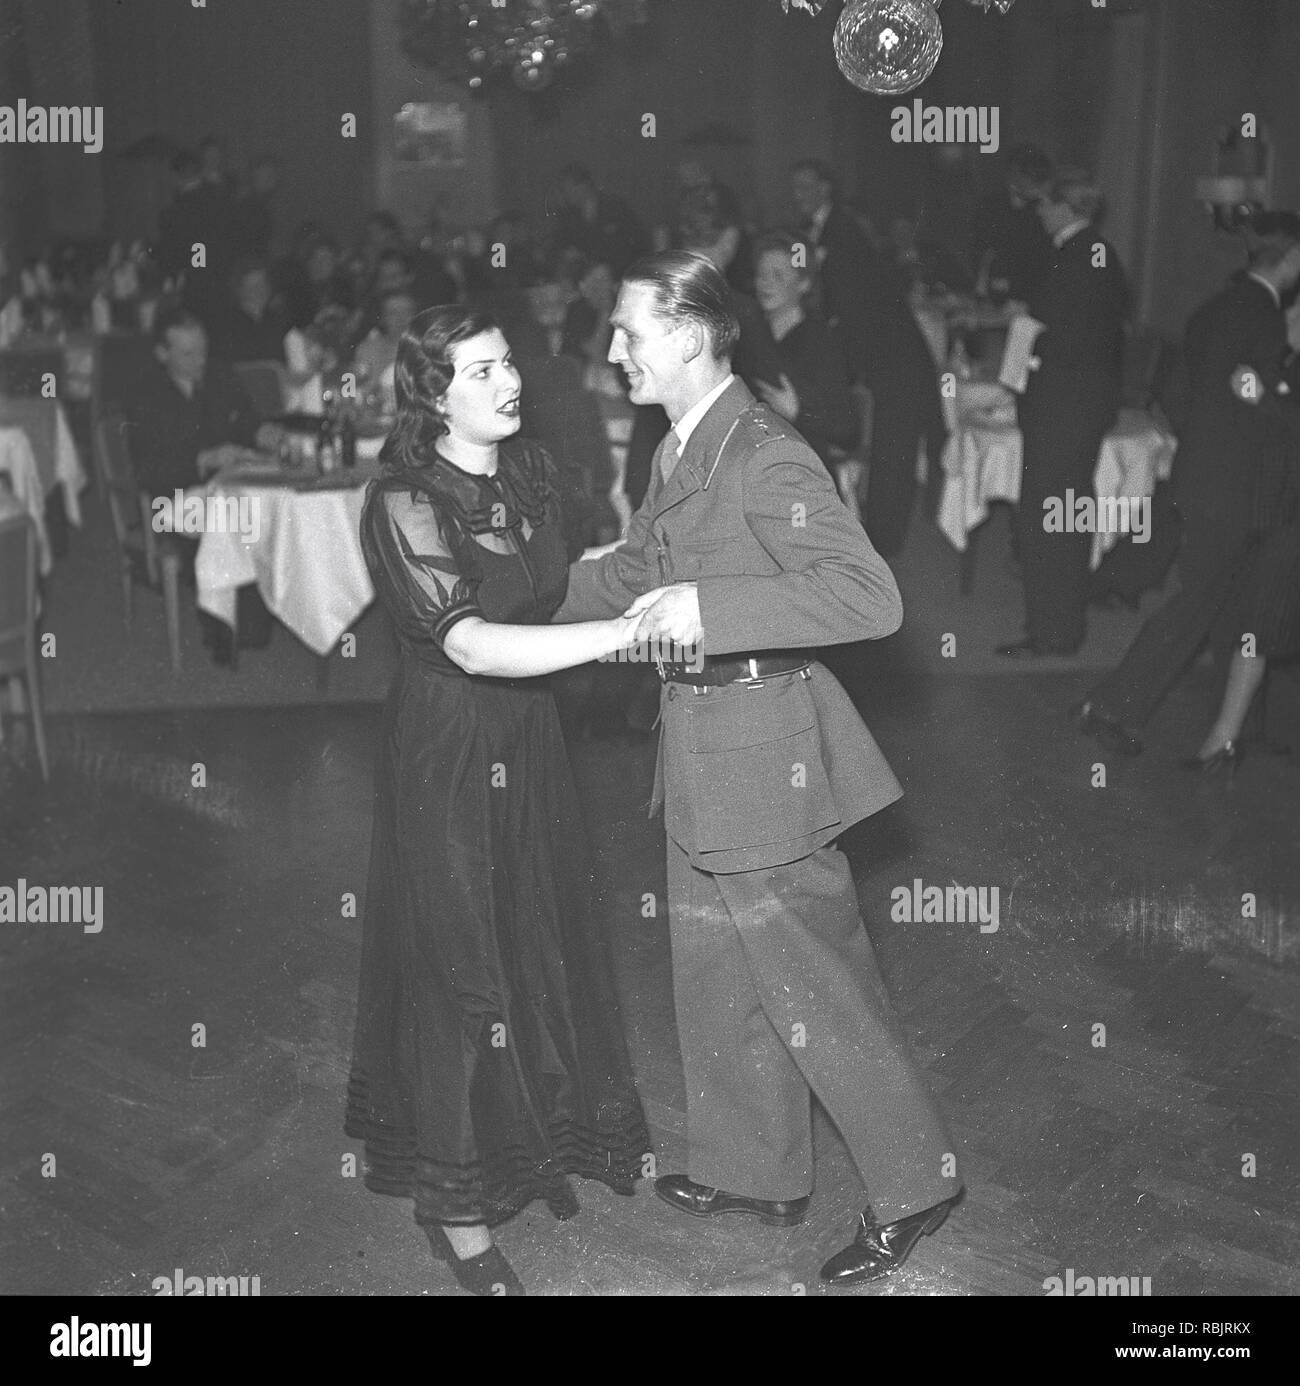 La danse dans les années 40. Un couple est la danse et se tenant à proximité, déménagement à la musique à un événement de danse. La photo a été utilisée dans un article de l'époque pour illustrer le thème de femmes espions durant la seconde guerre mondiale. Apparemment innocente d'une jeune femme séduisante et romances un soldat et obtient les informations à transmettre. Kristoffersson Photo Ref 225-32. Suède 1941 Photo Stock